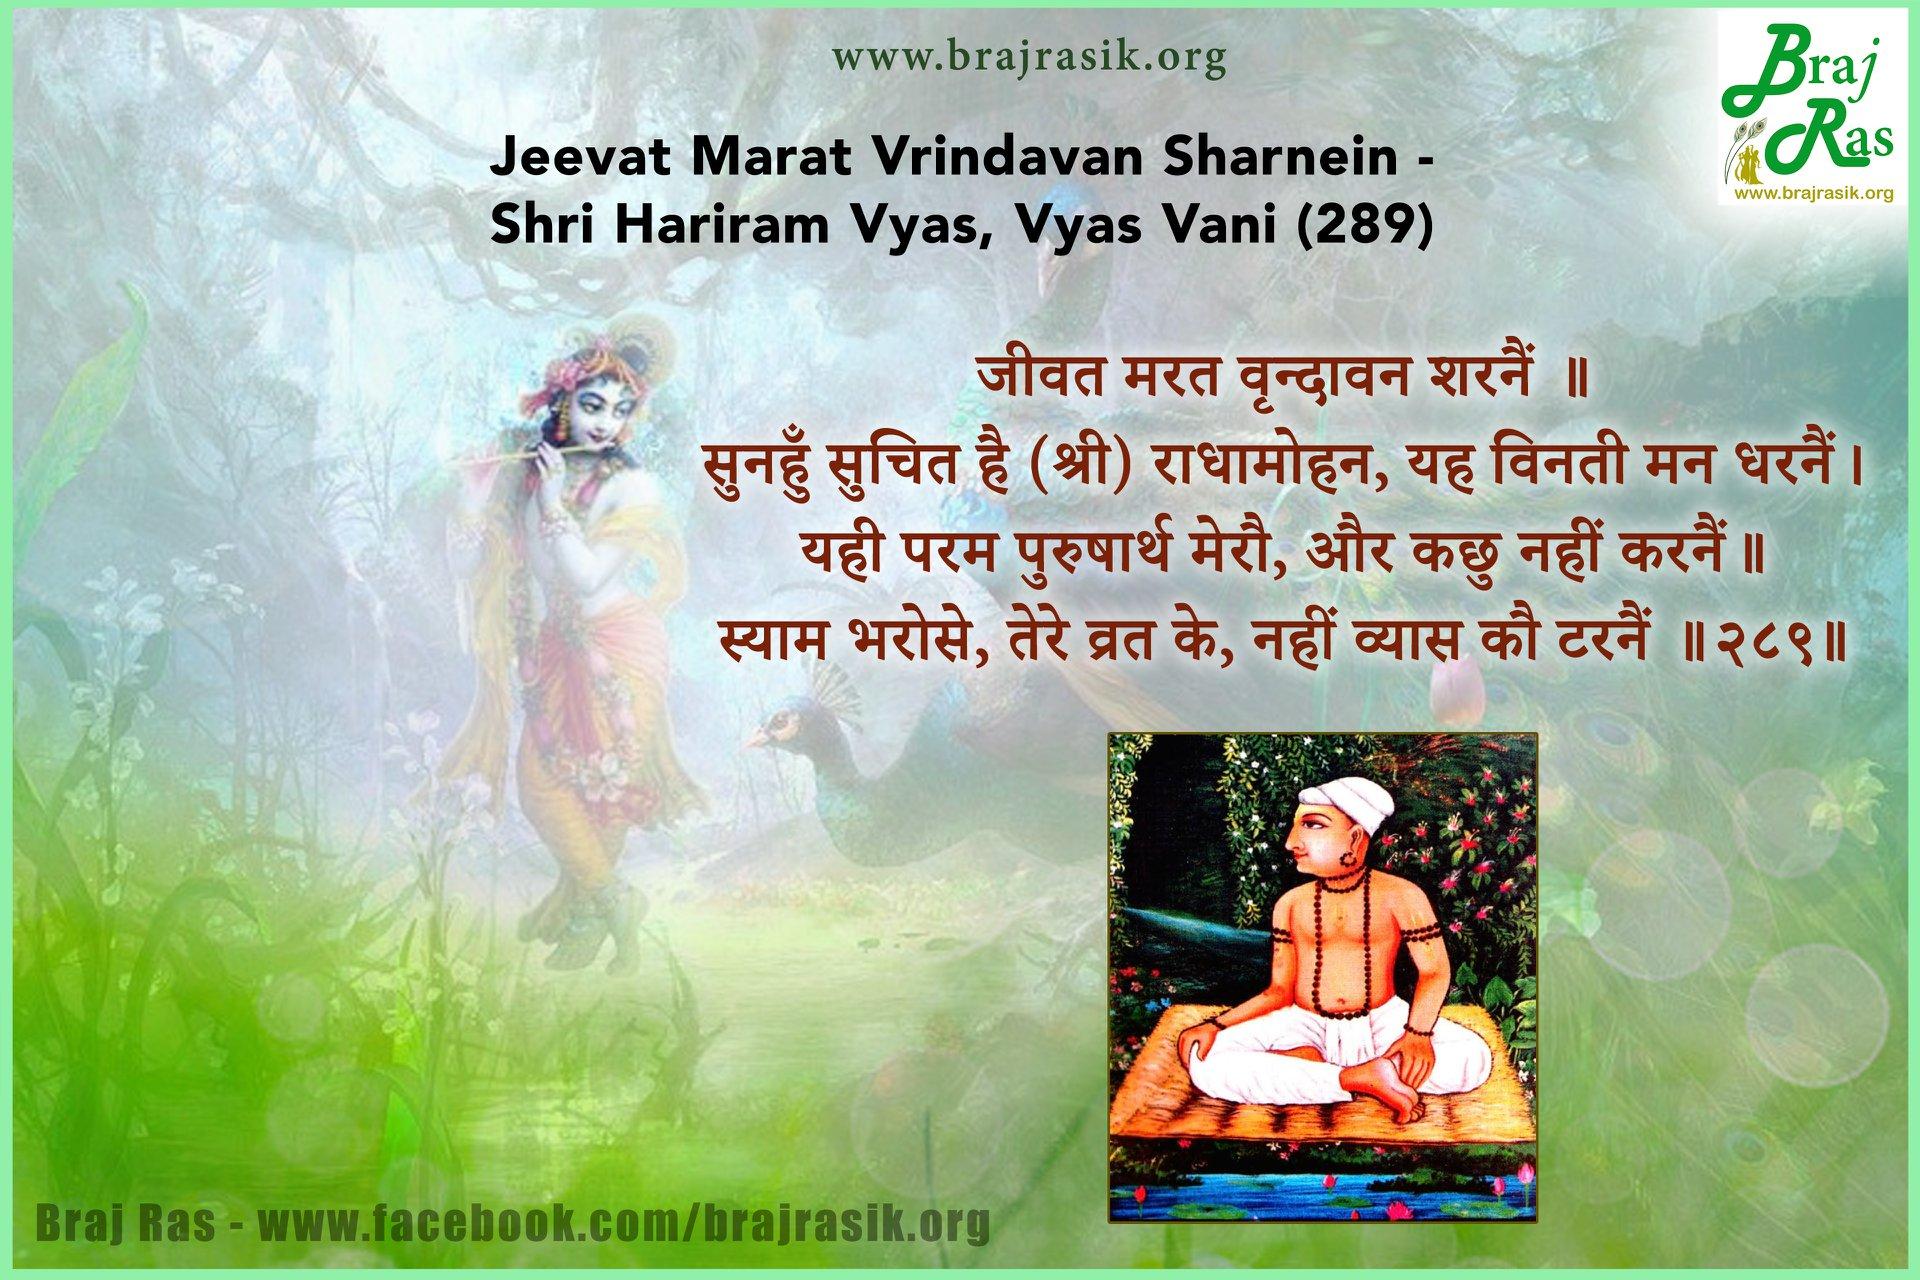 Jeevat Marat Vrindavan Sharnein - Shri Hariram Vyas (Vishakha Avtar), Vyas Vani (289)